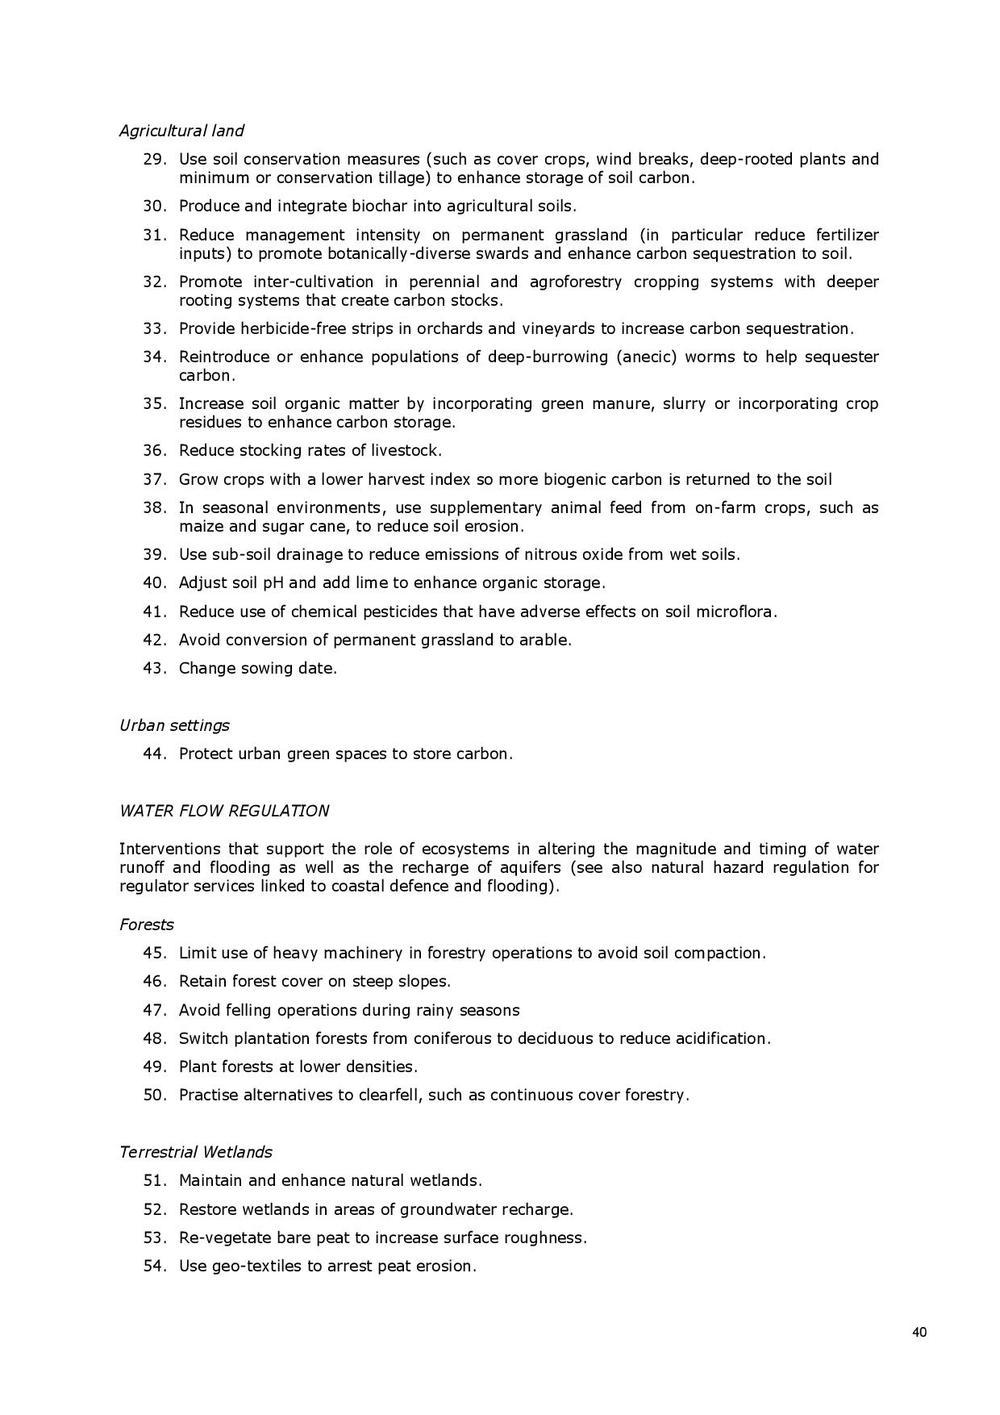 DG RTD_WEB-Publication A4_NBS_long_version_20150310-page-042.jpg